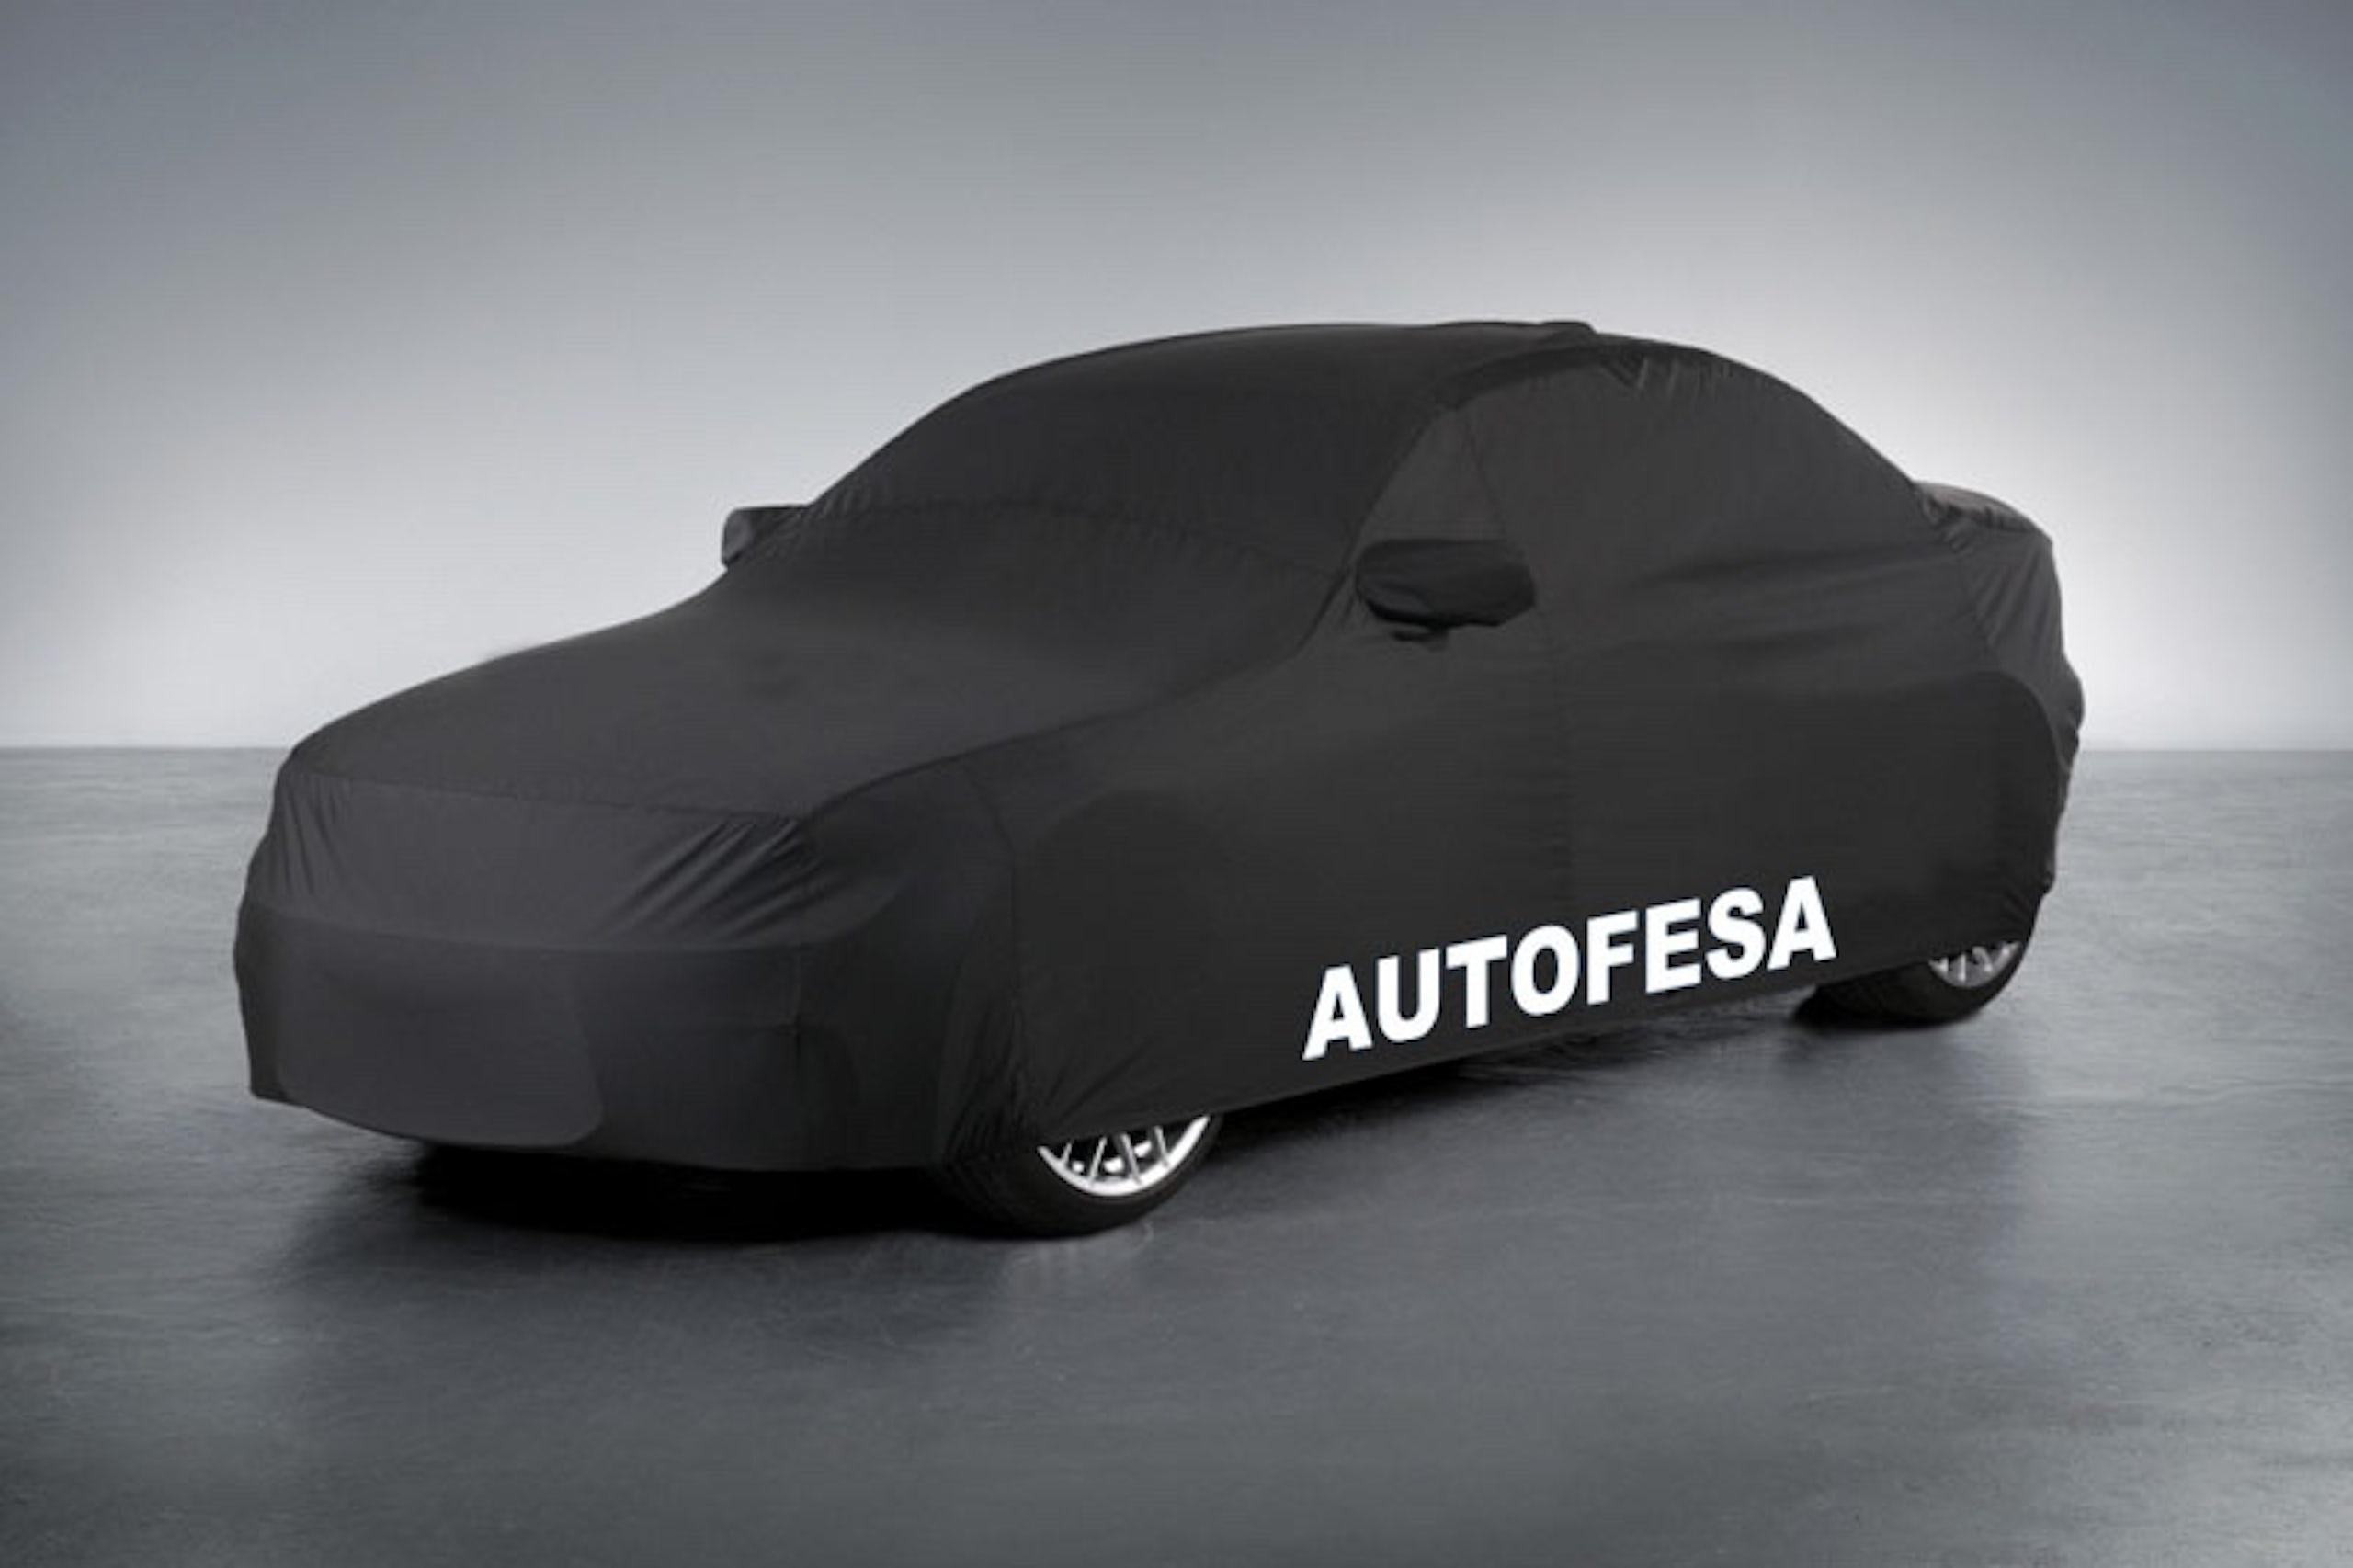 Audi Tt Roadster 2.0 TFSI 230cv quattro 2p Stronic Auto  S/S - Foto 17